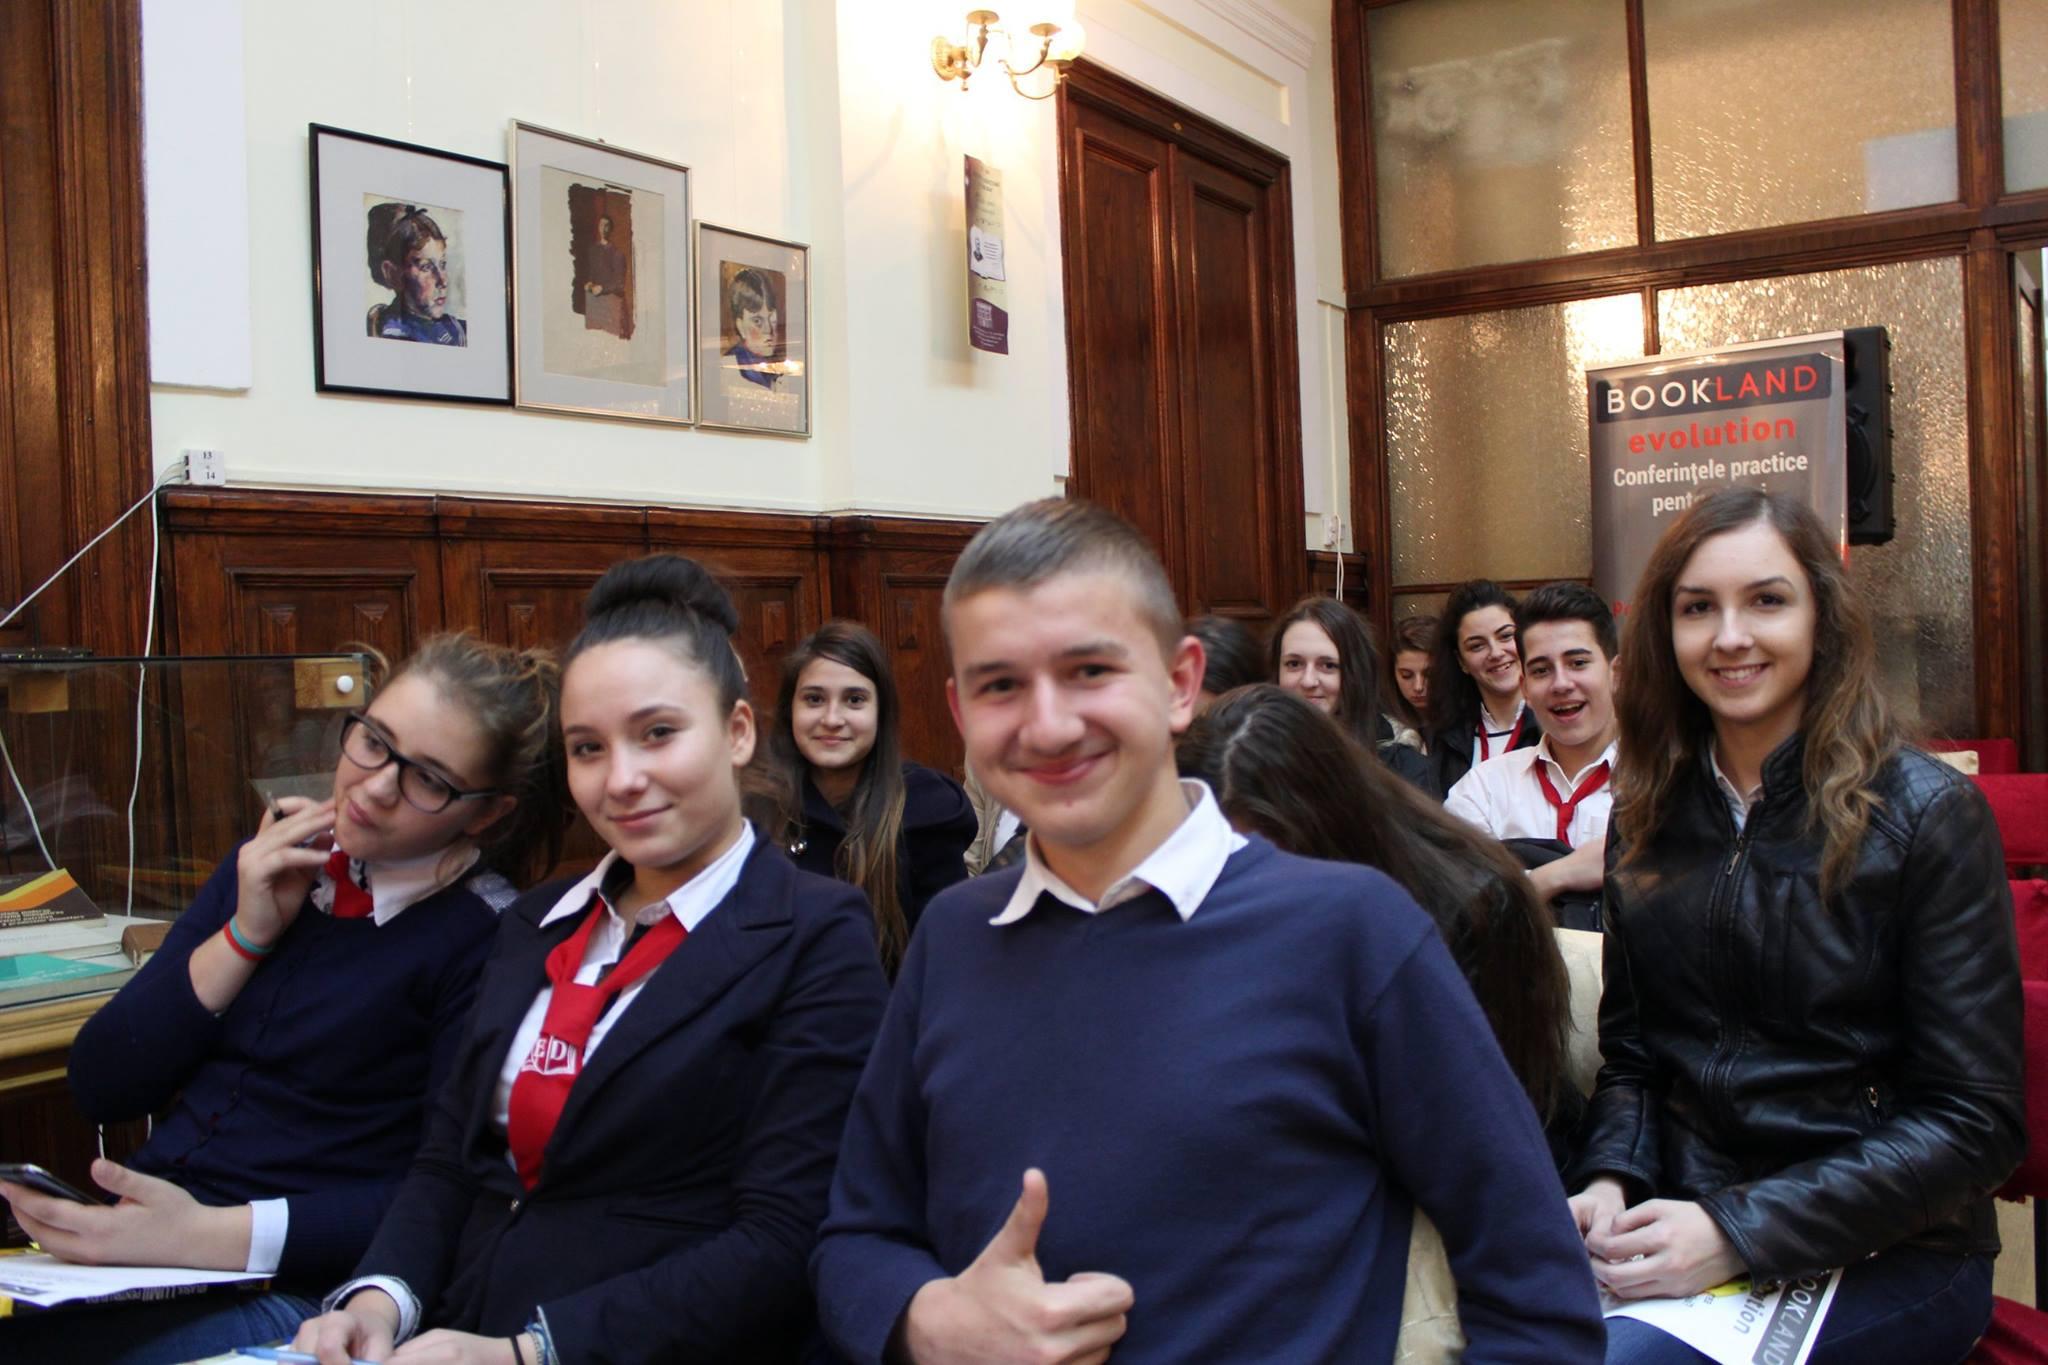 Conferințele BookLand Evolution la Ploiești – Drumul către succes e pavat cu…povești care te inspiră!